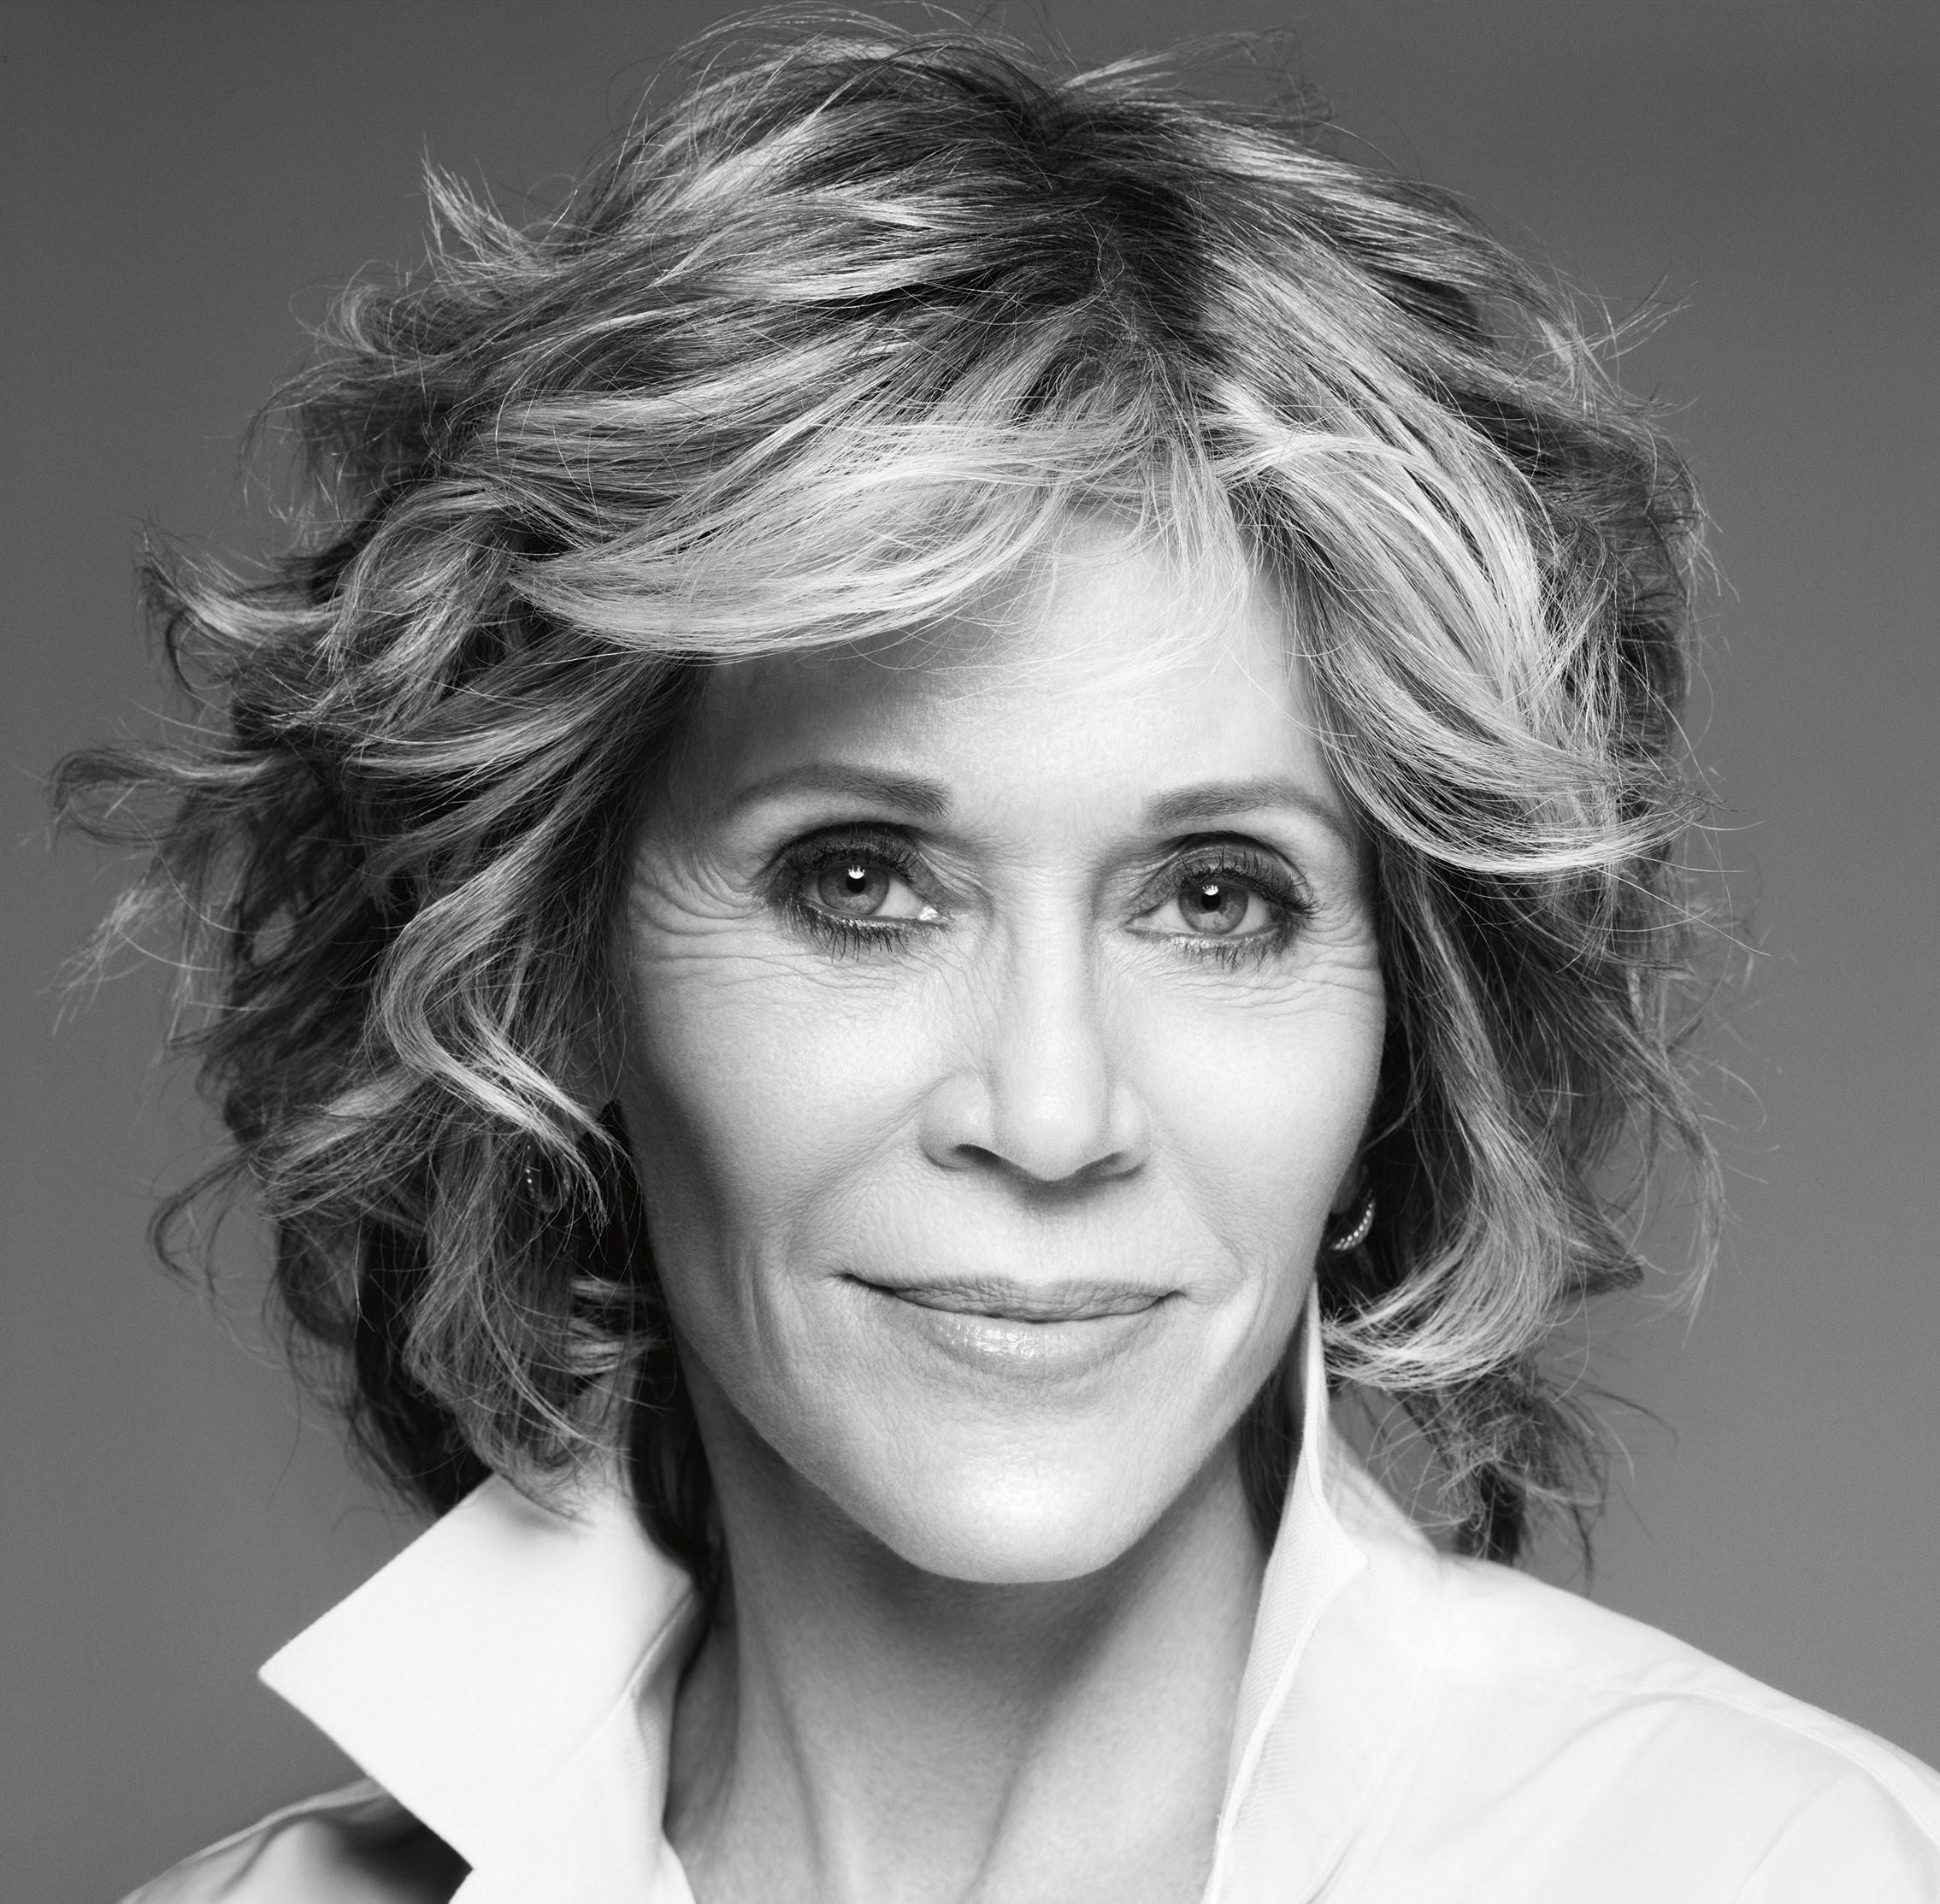 Jane Fonda luchó contra la bulimia desde los 12 hasta los 35 años.